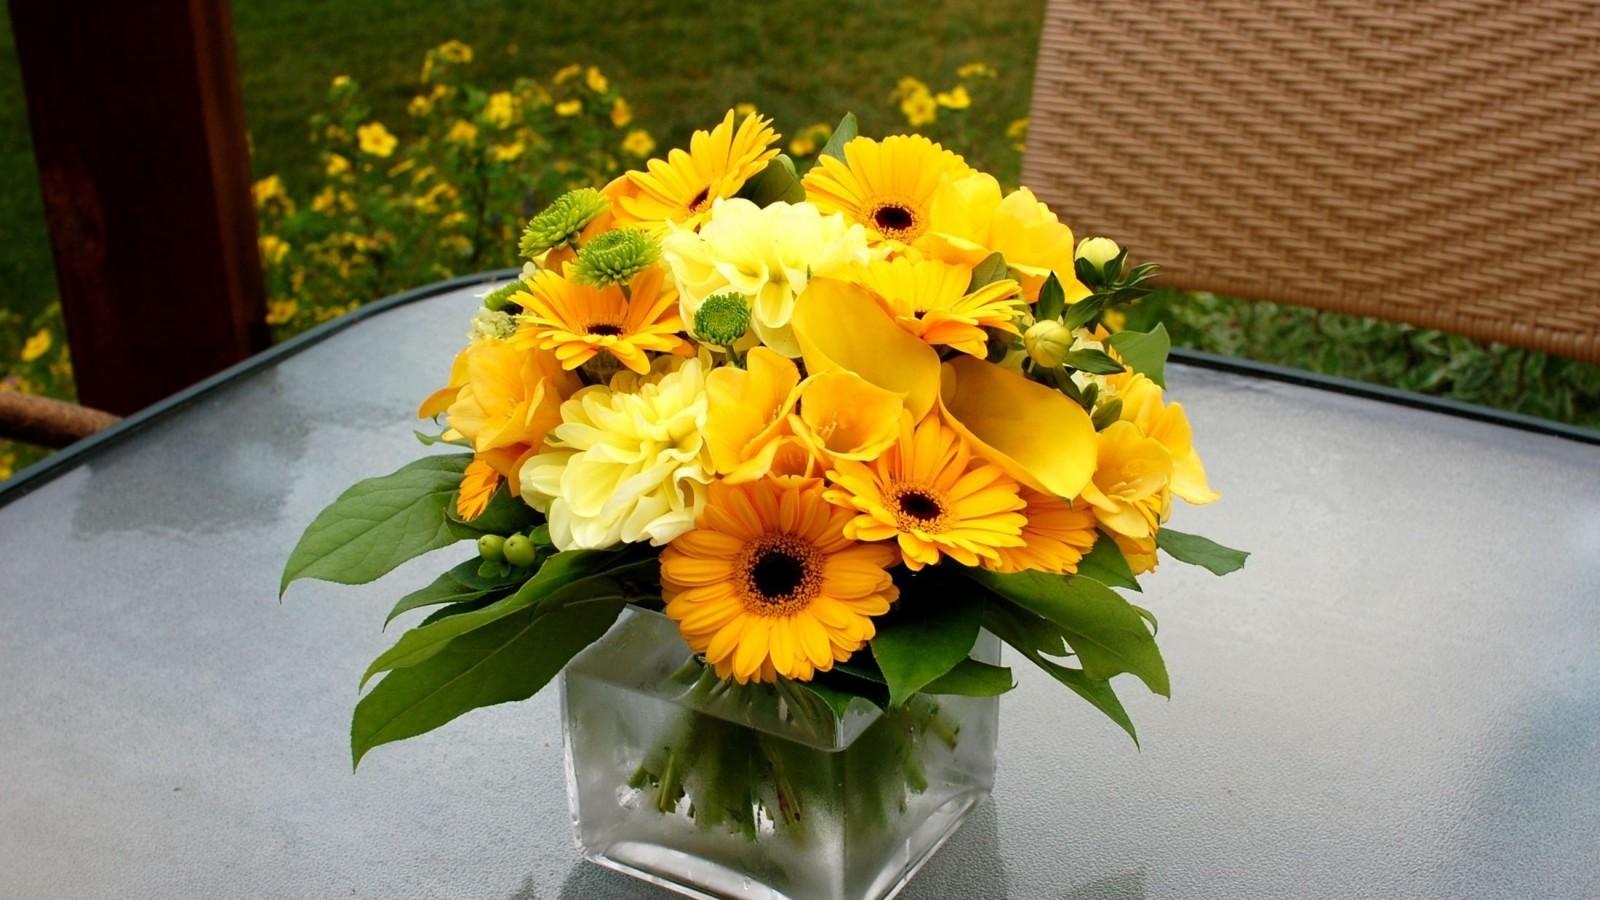 17068 Hintergrundbild herunterladen Sonnenblumen, Pflanzen, Blumen, Still-Leben - Bildschirmschoner und Bilder kostenlos